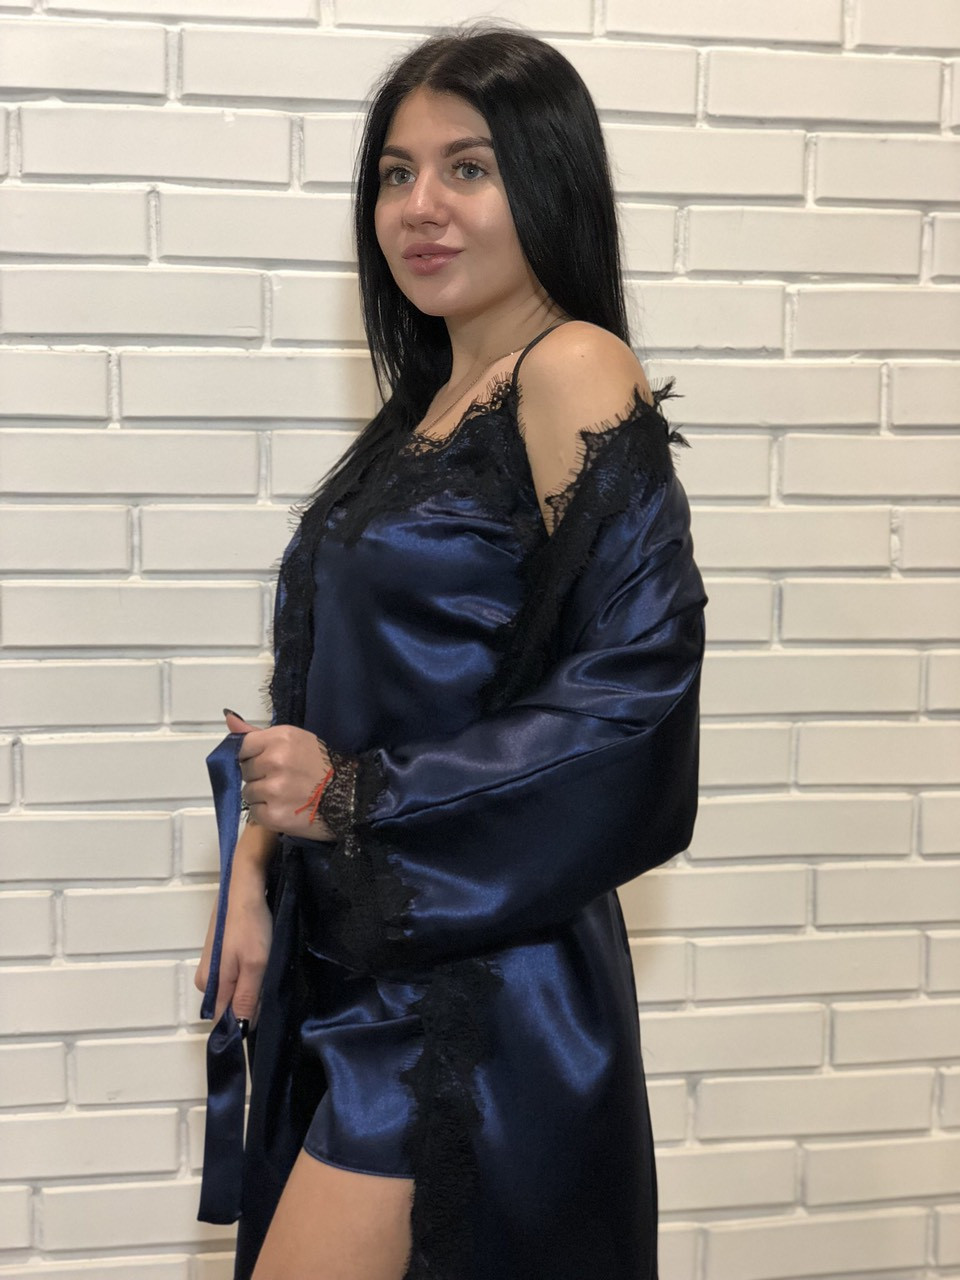 Халат+майка+шорты - атласный комплект тройка темно-синего цвета